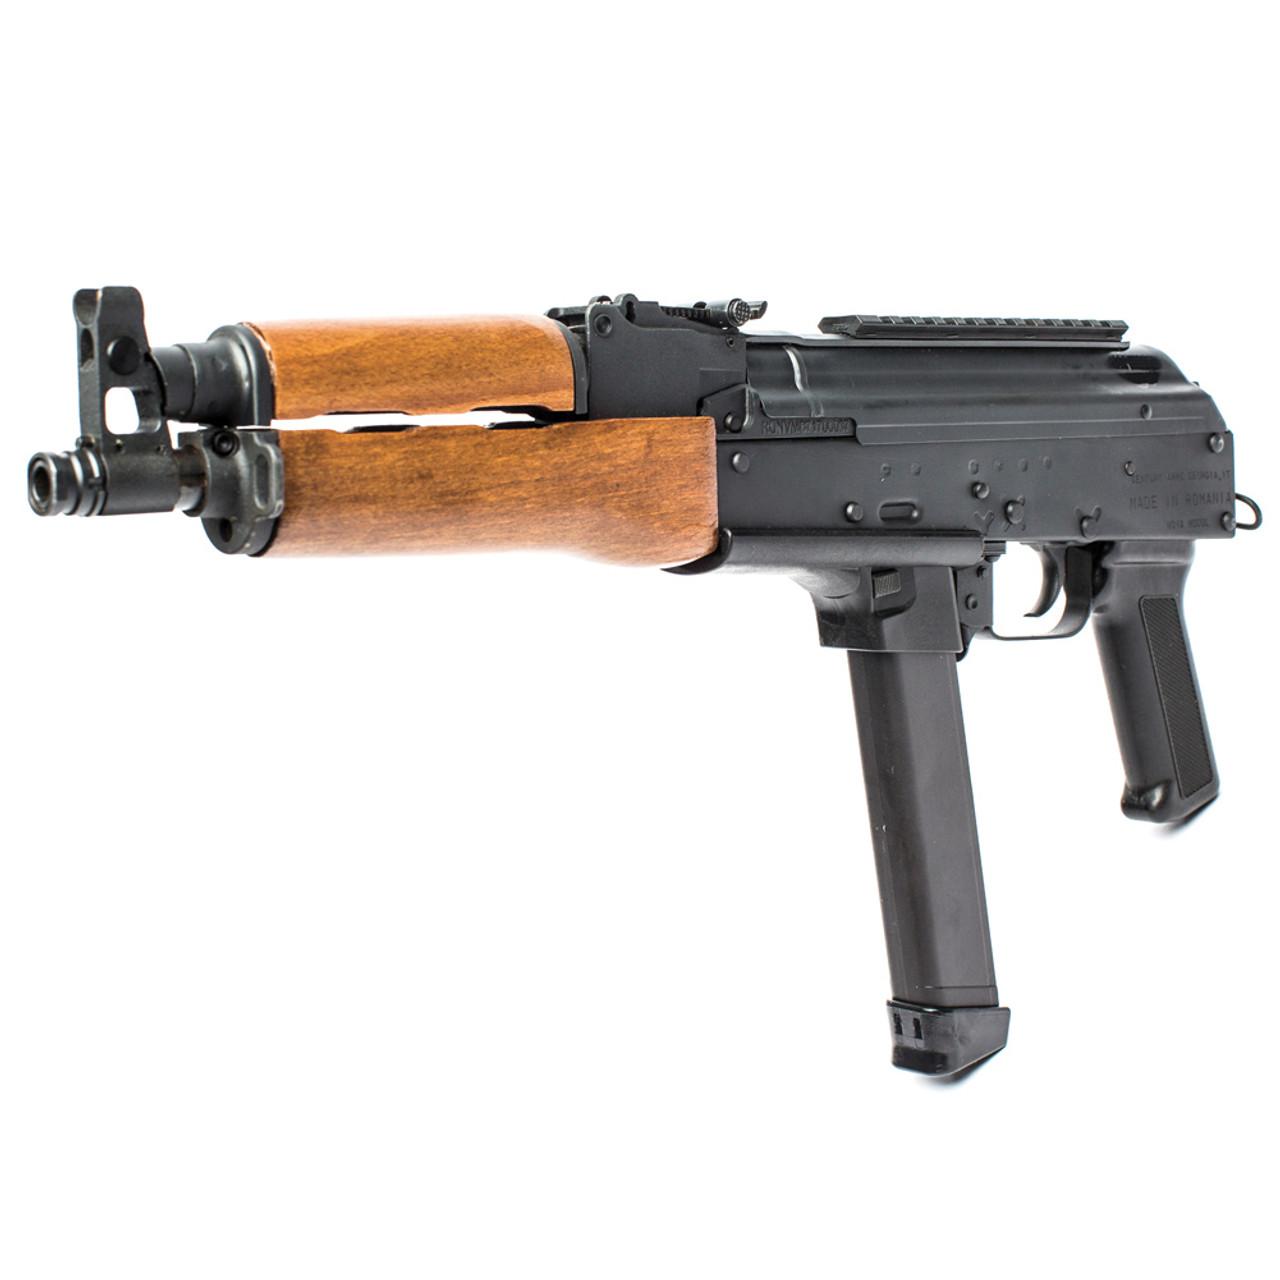 CENTURY ARMS Draco NAK9 9mm 12 25in 31rd Pistol (HG3736-N)